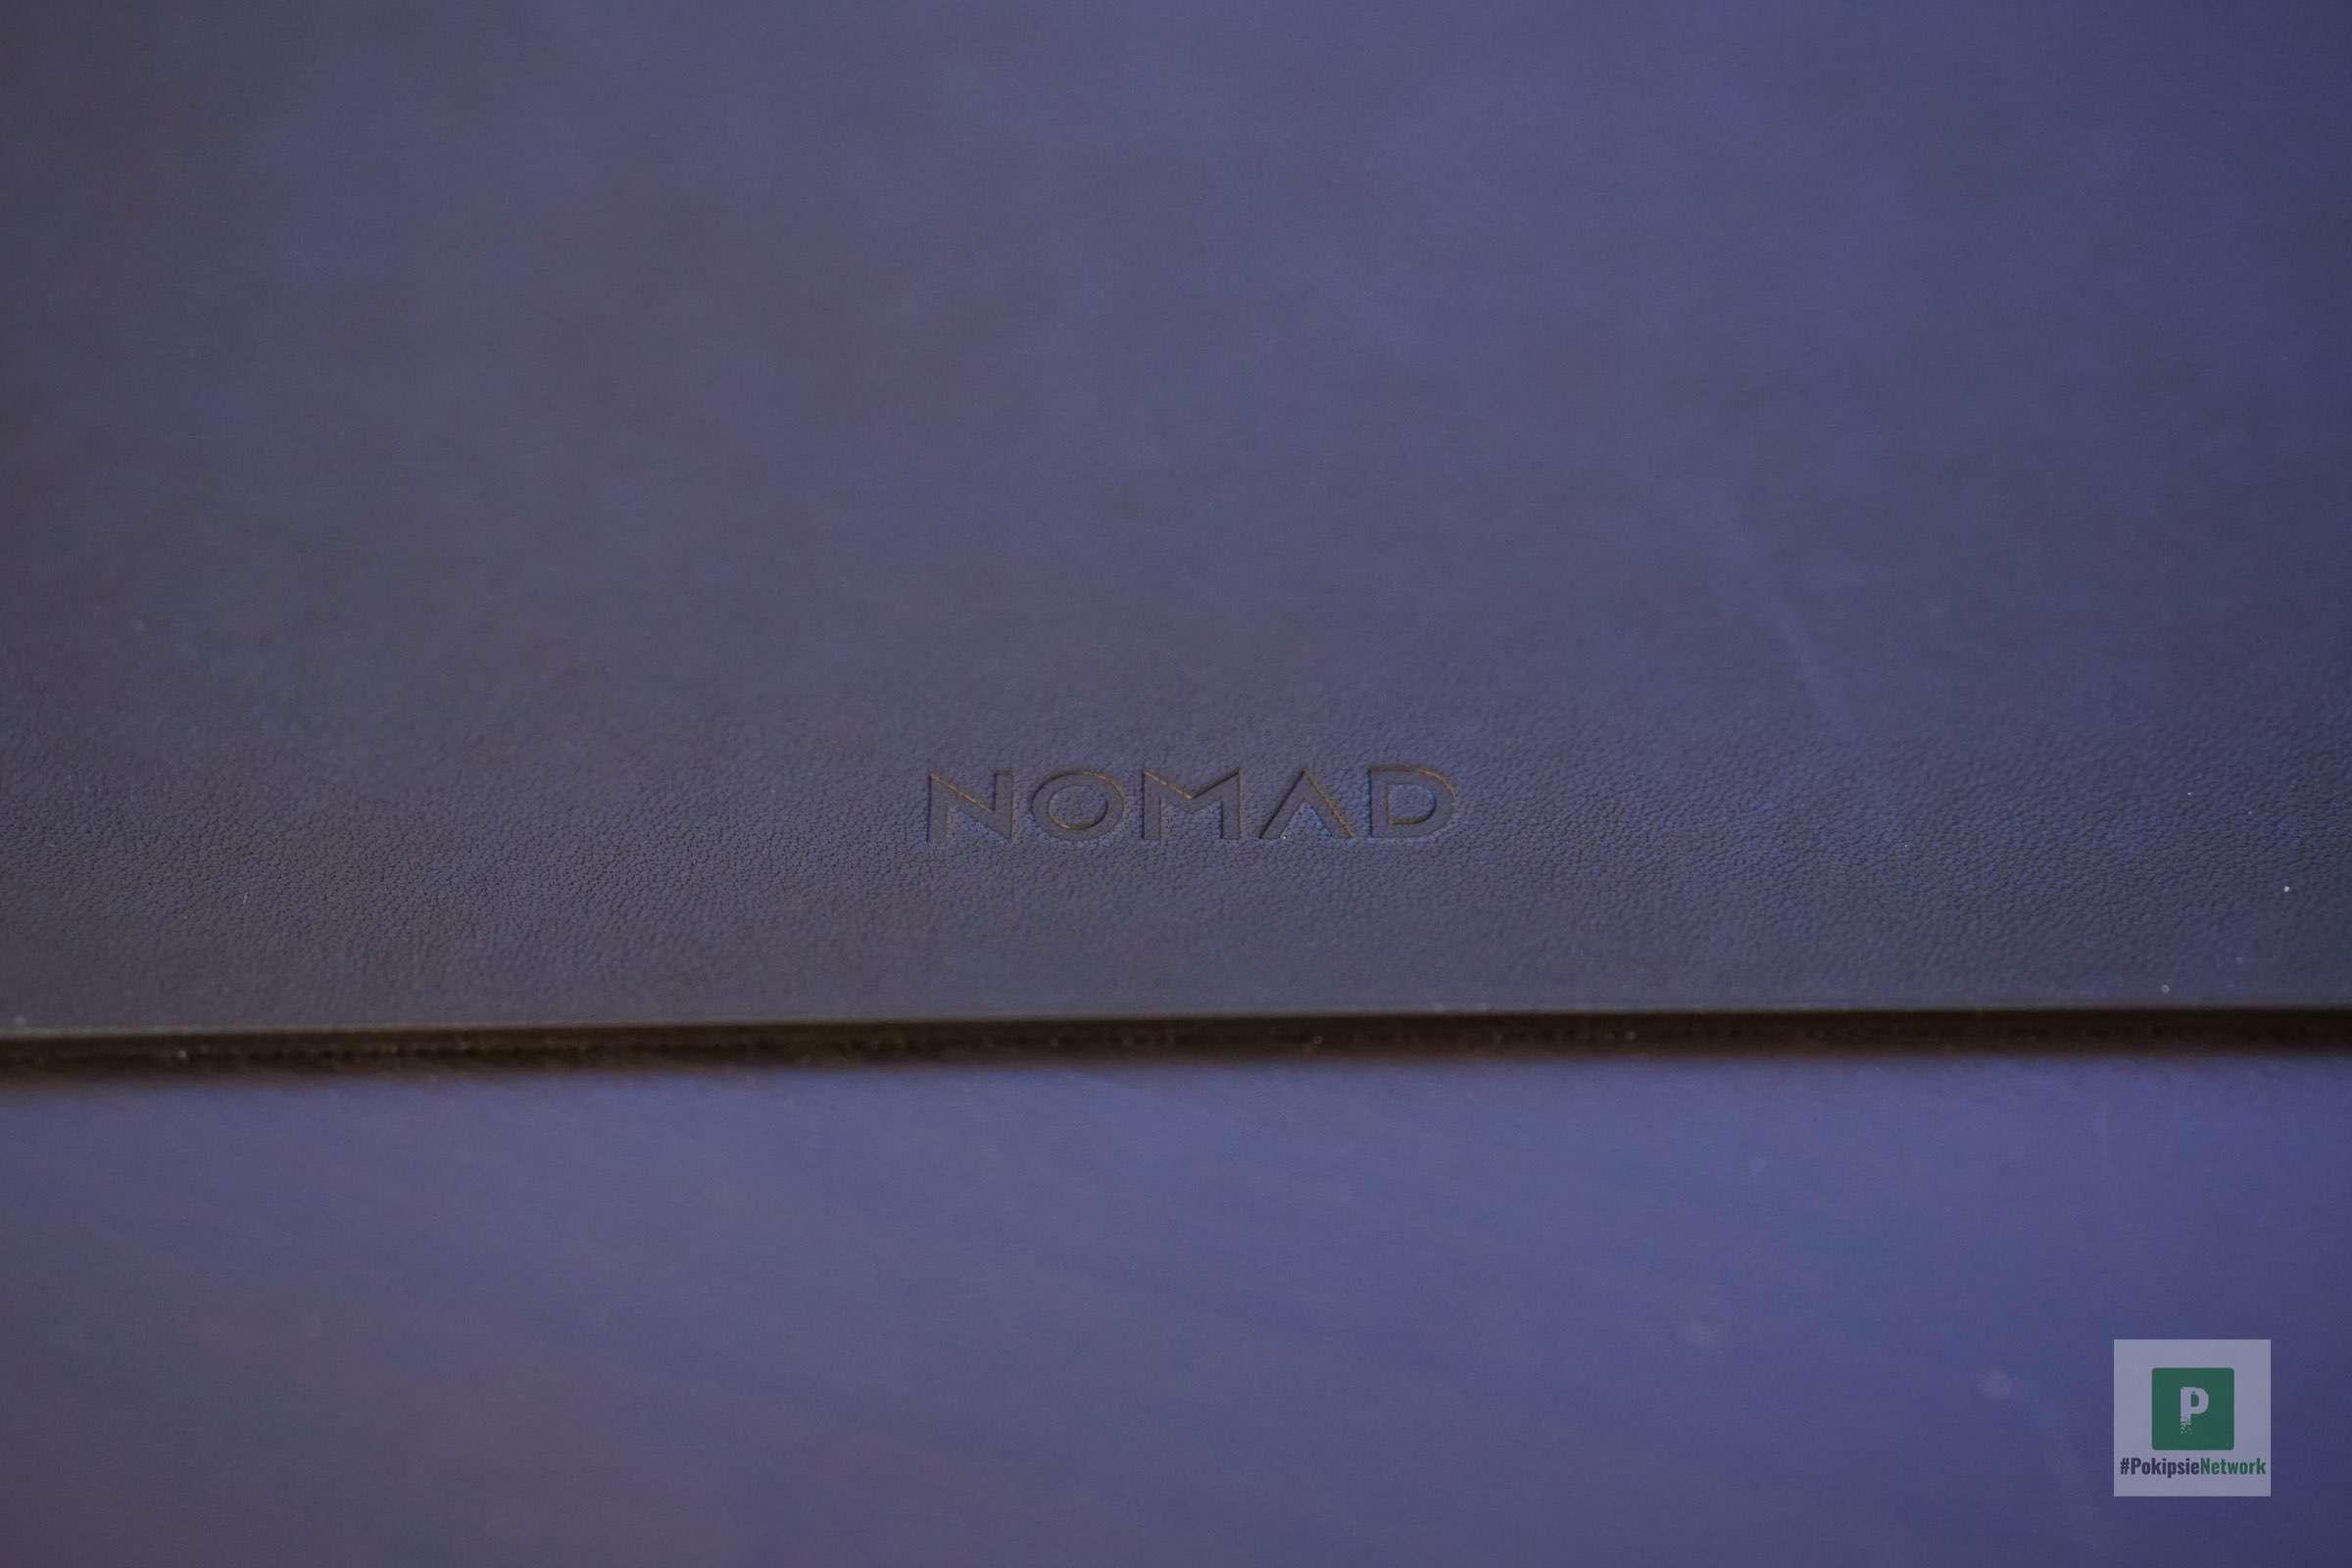 Einfaches Branding im Leder